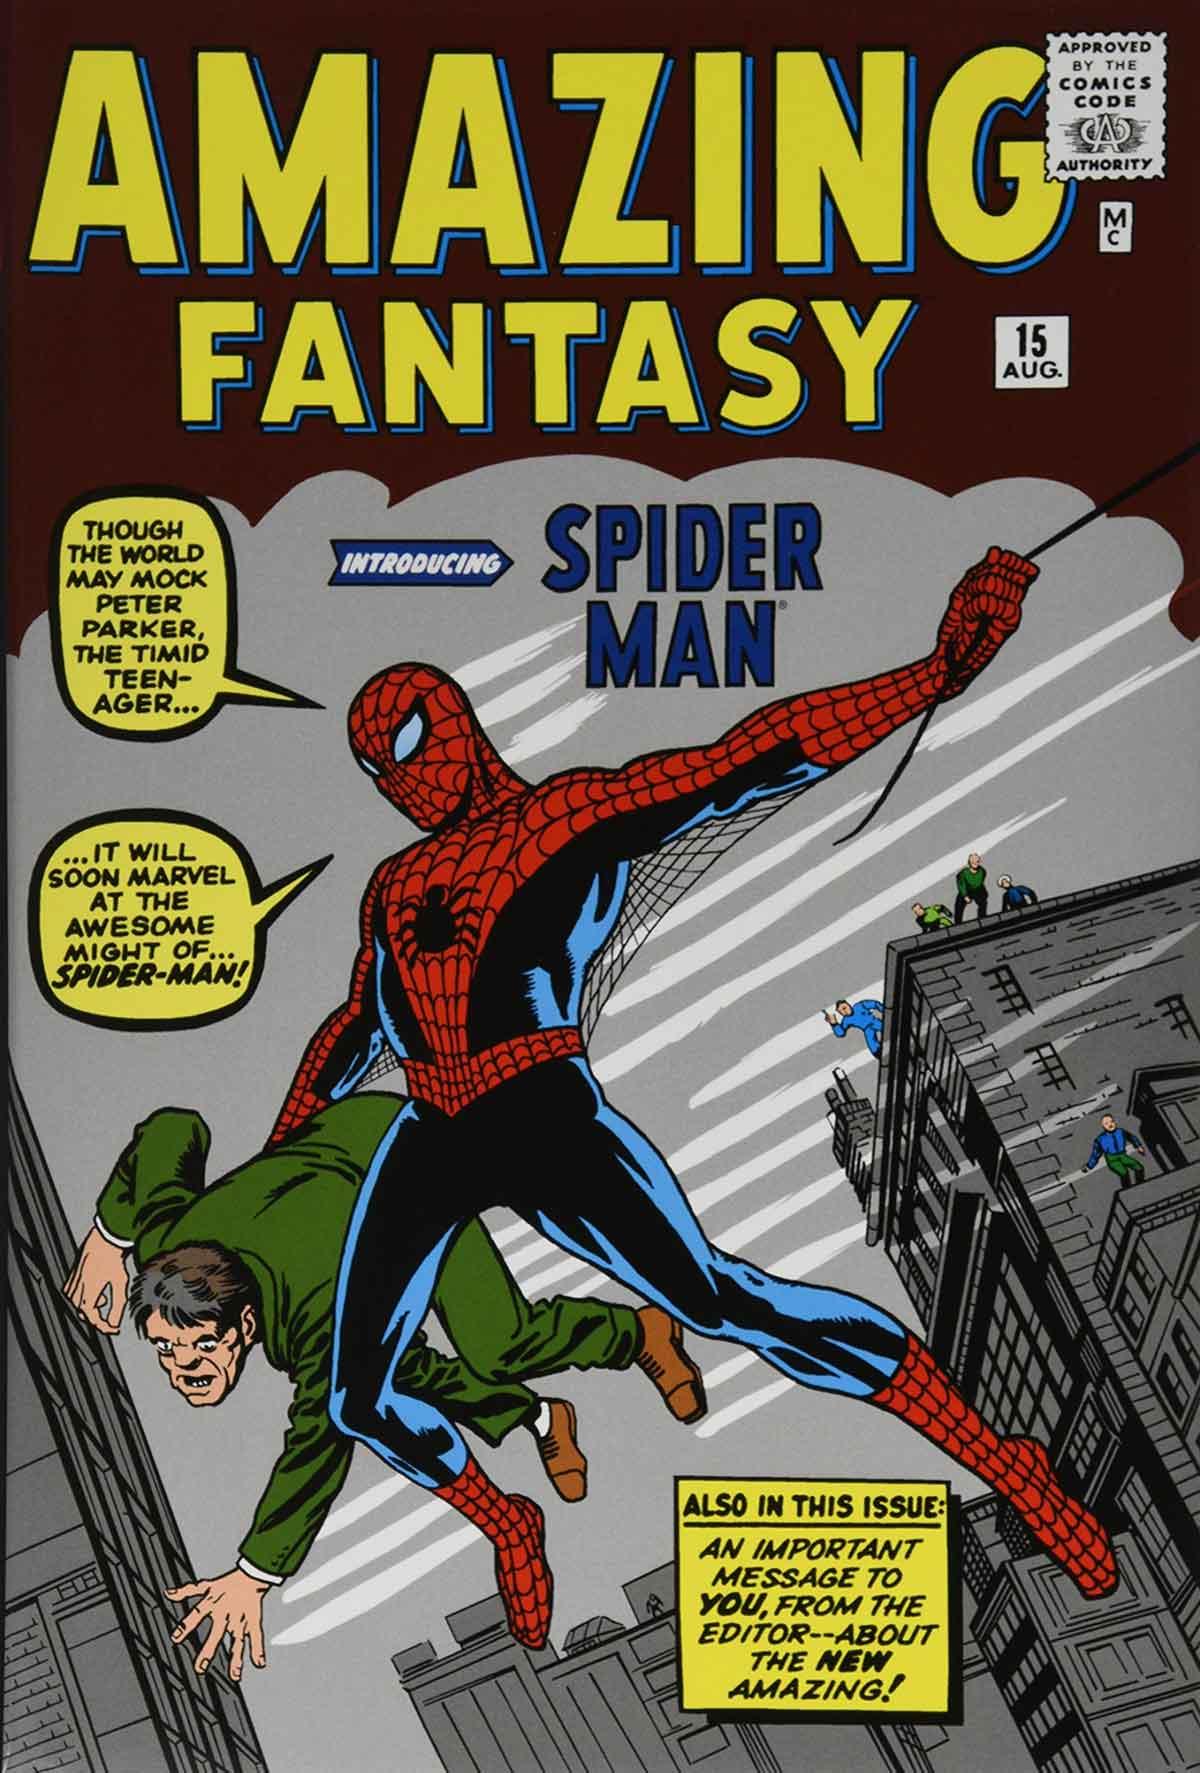 Así nació la idea de Spider-Man, contado por Stan Lee